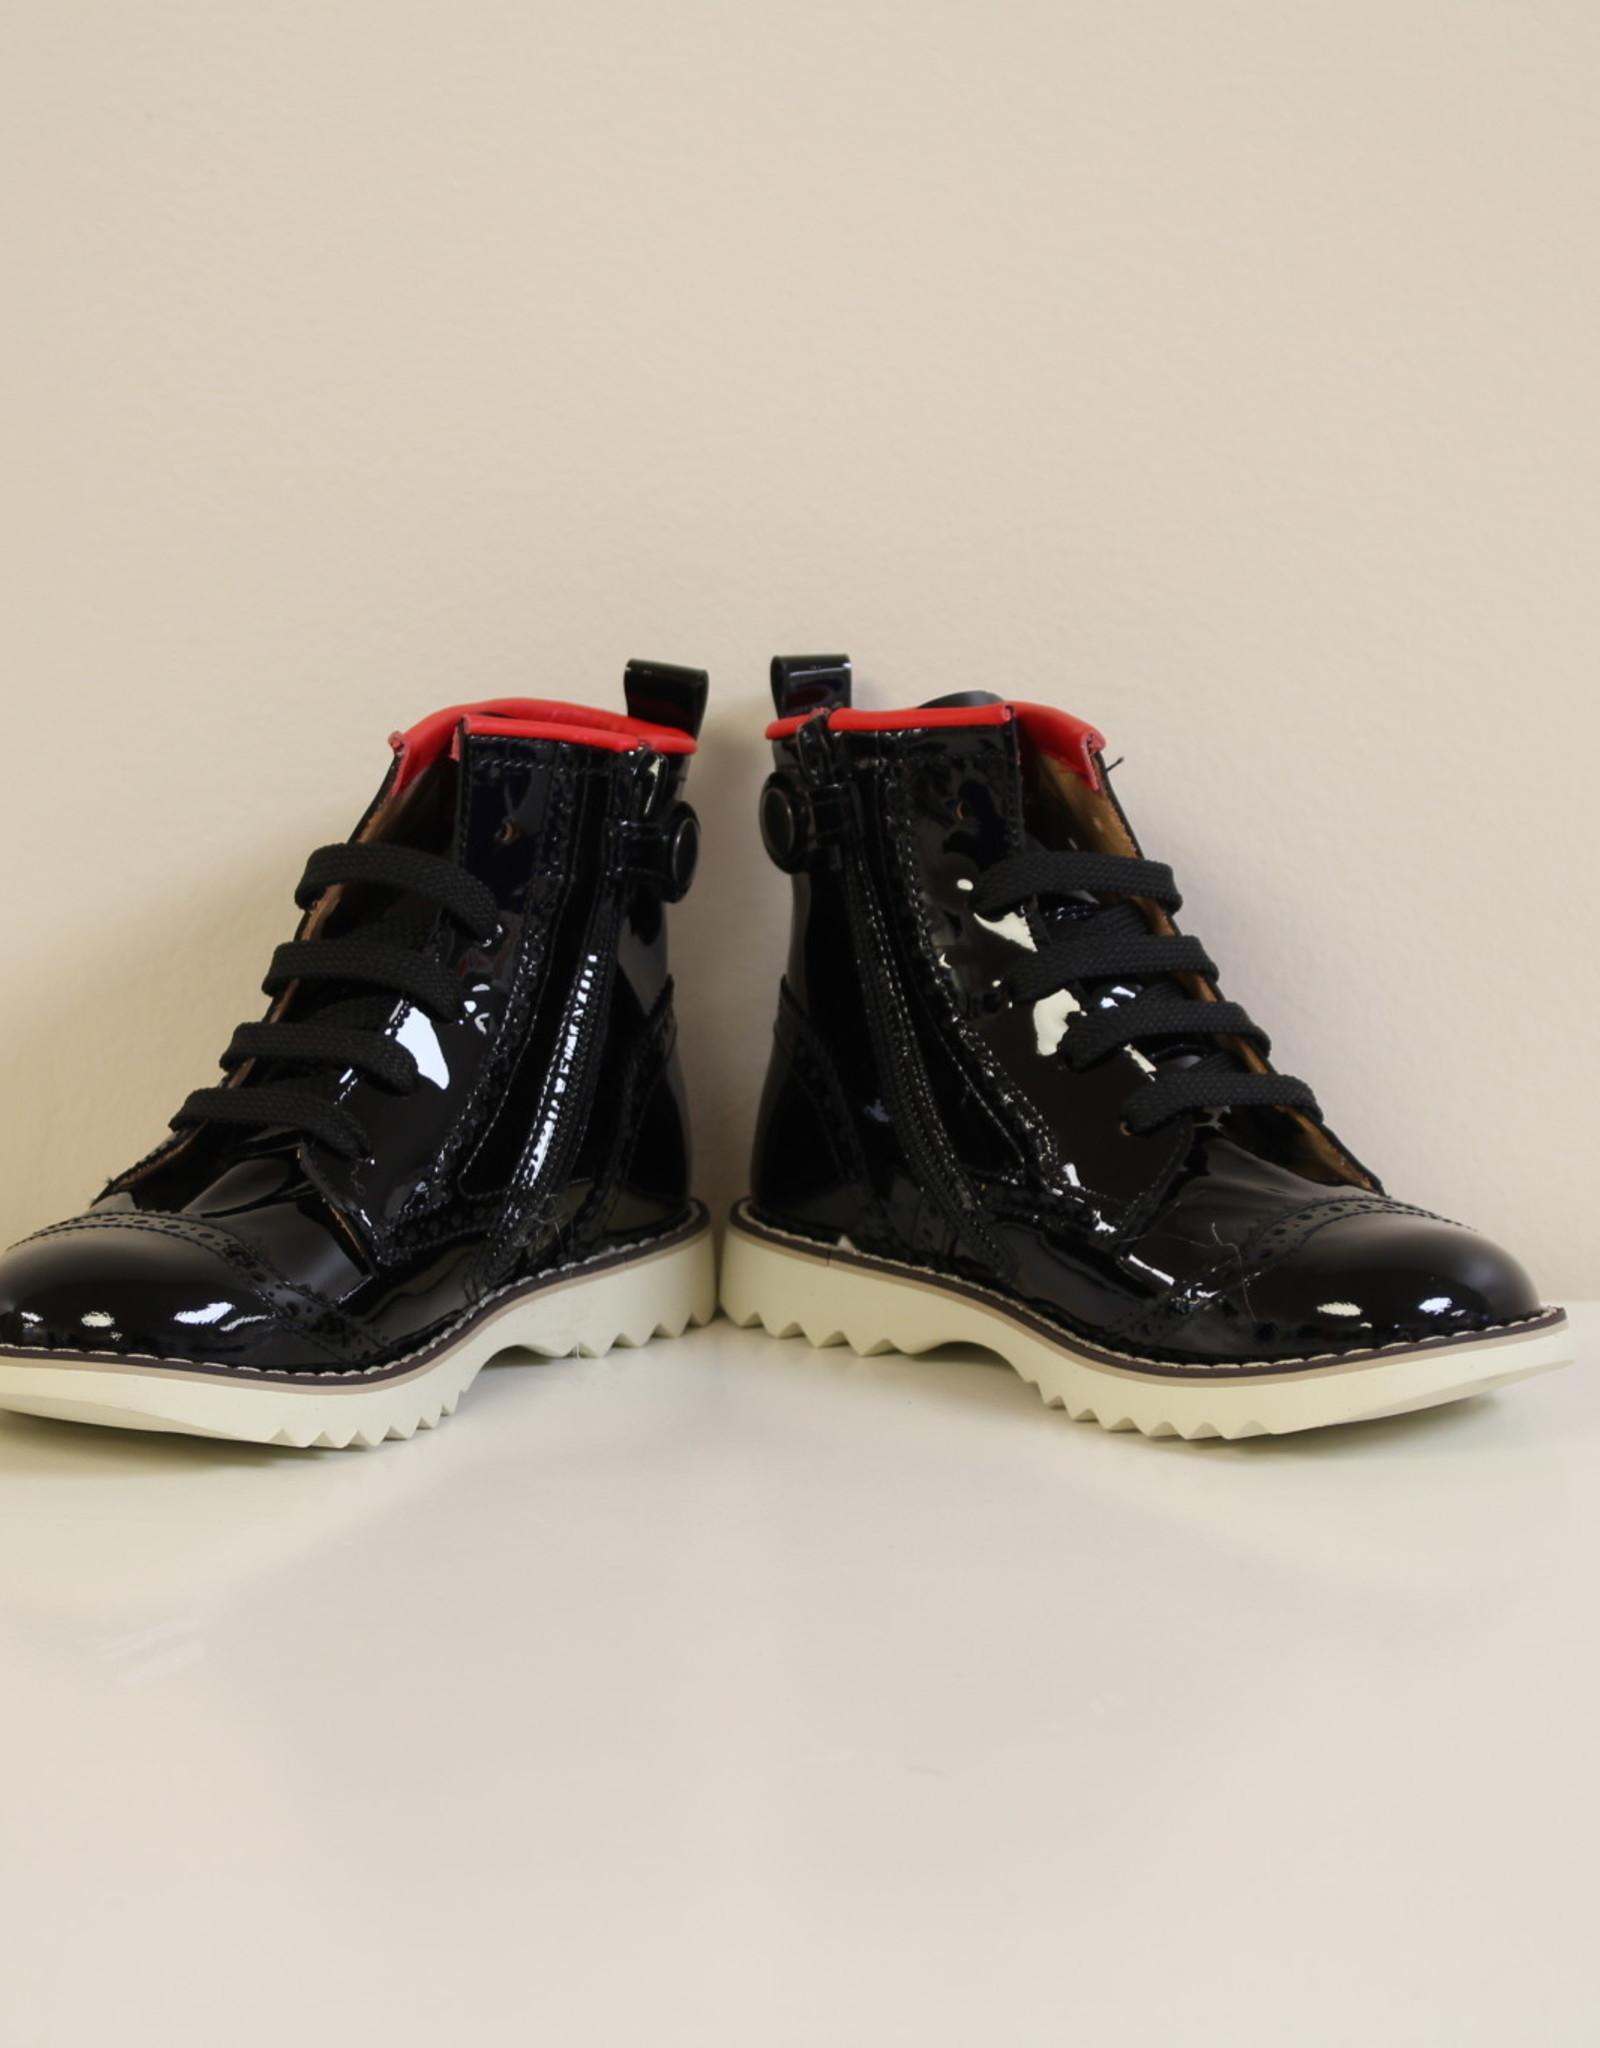 Rondinella 4460-1 laarsje zwart rood